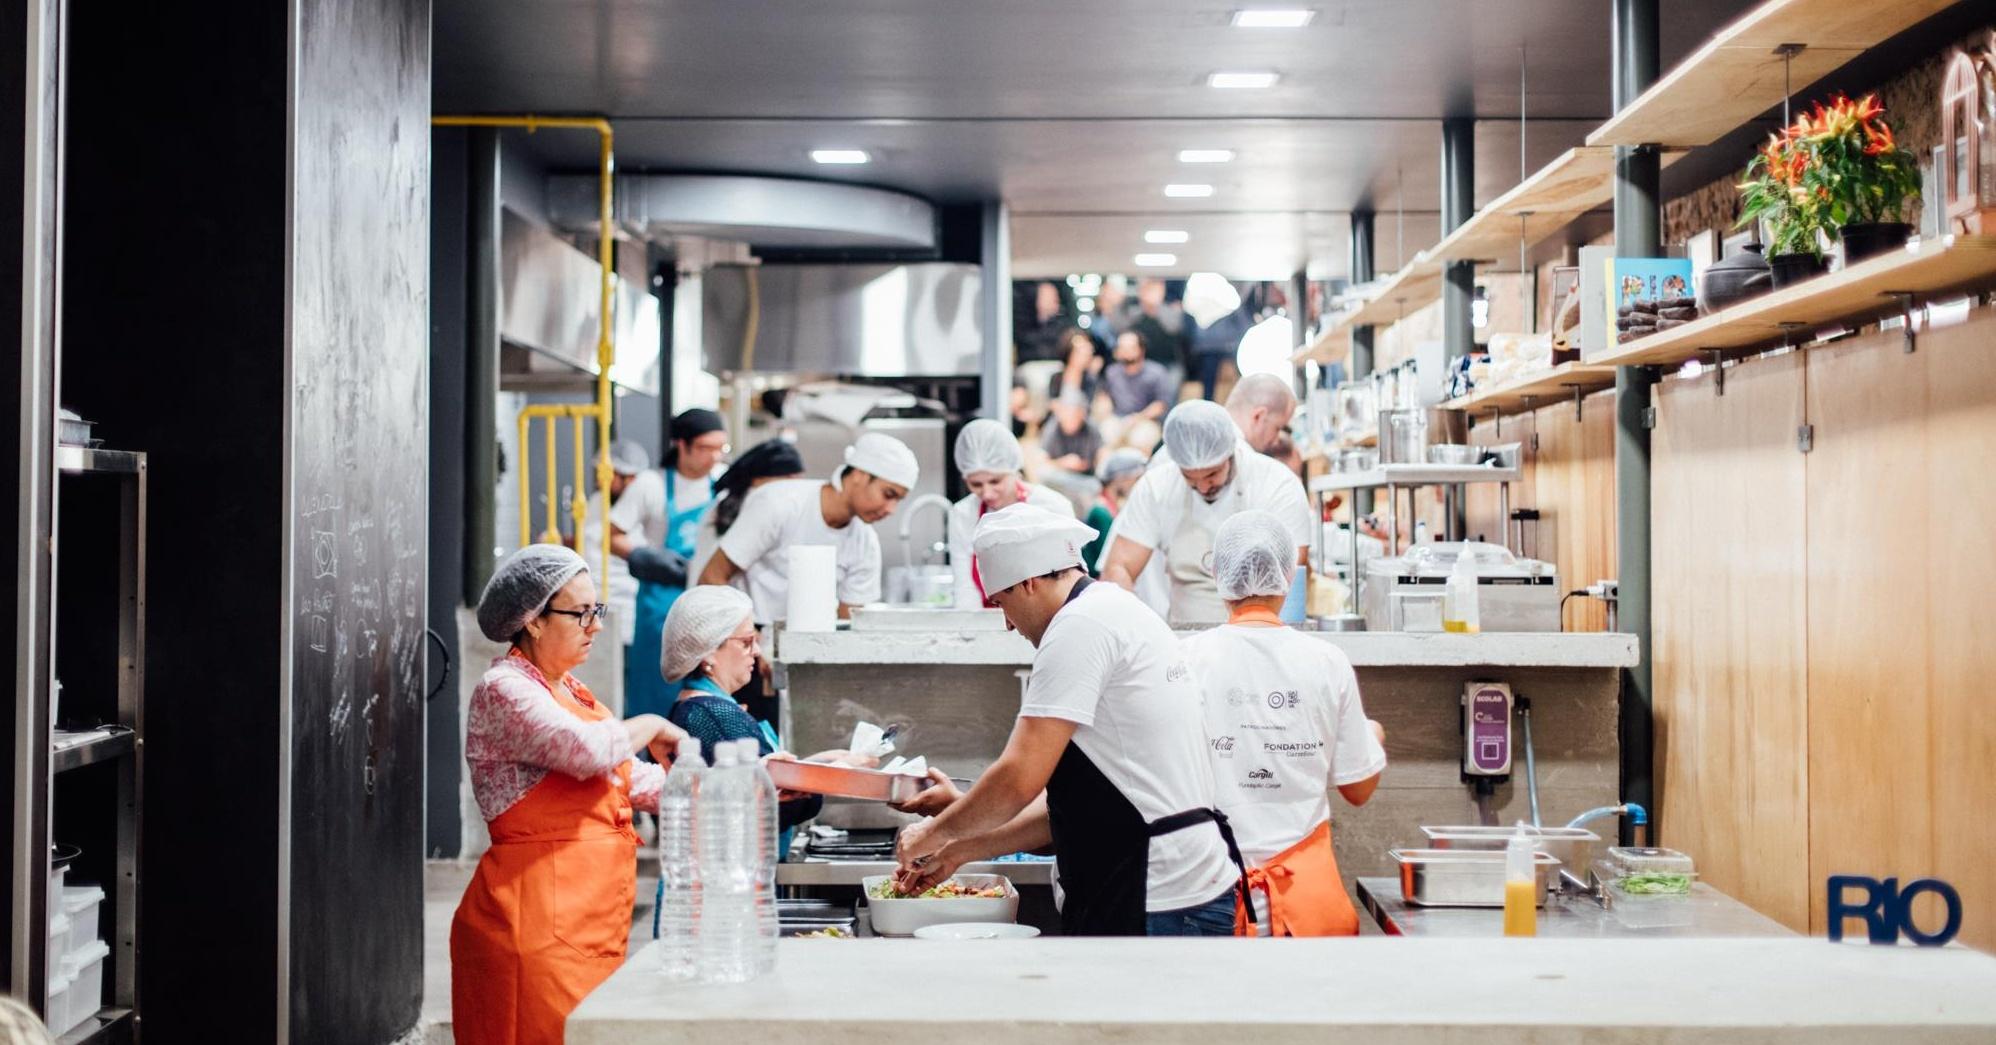 Neprodané potraviny z olympijské vesnice využívají špičkoví kuchaři na jídlo pro chudé Brazilce